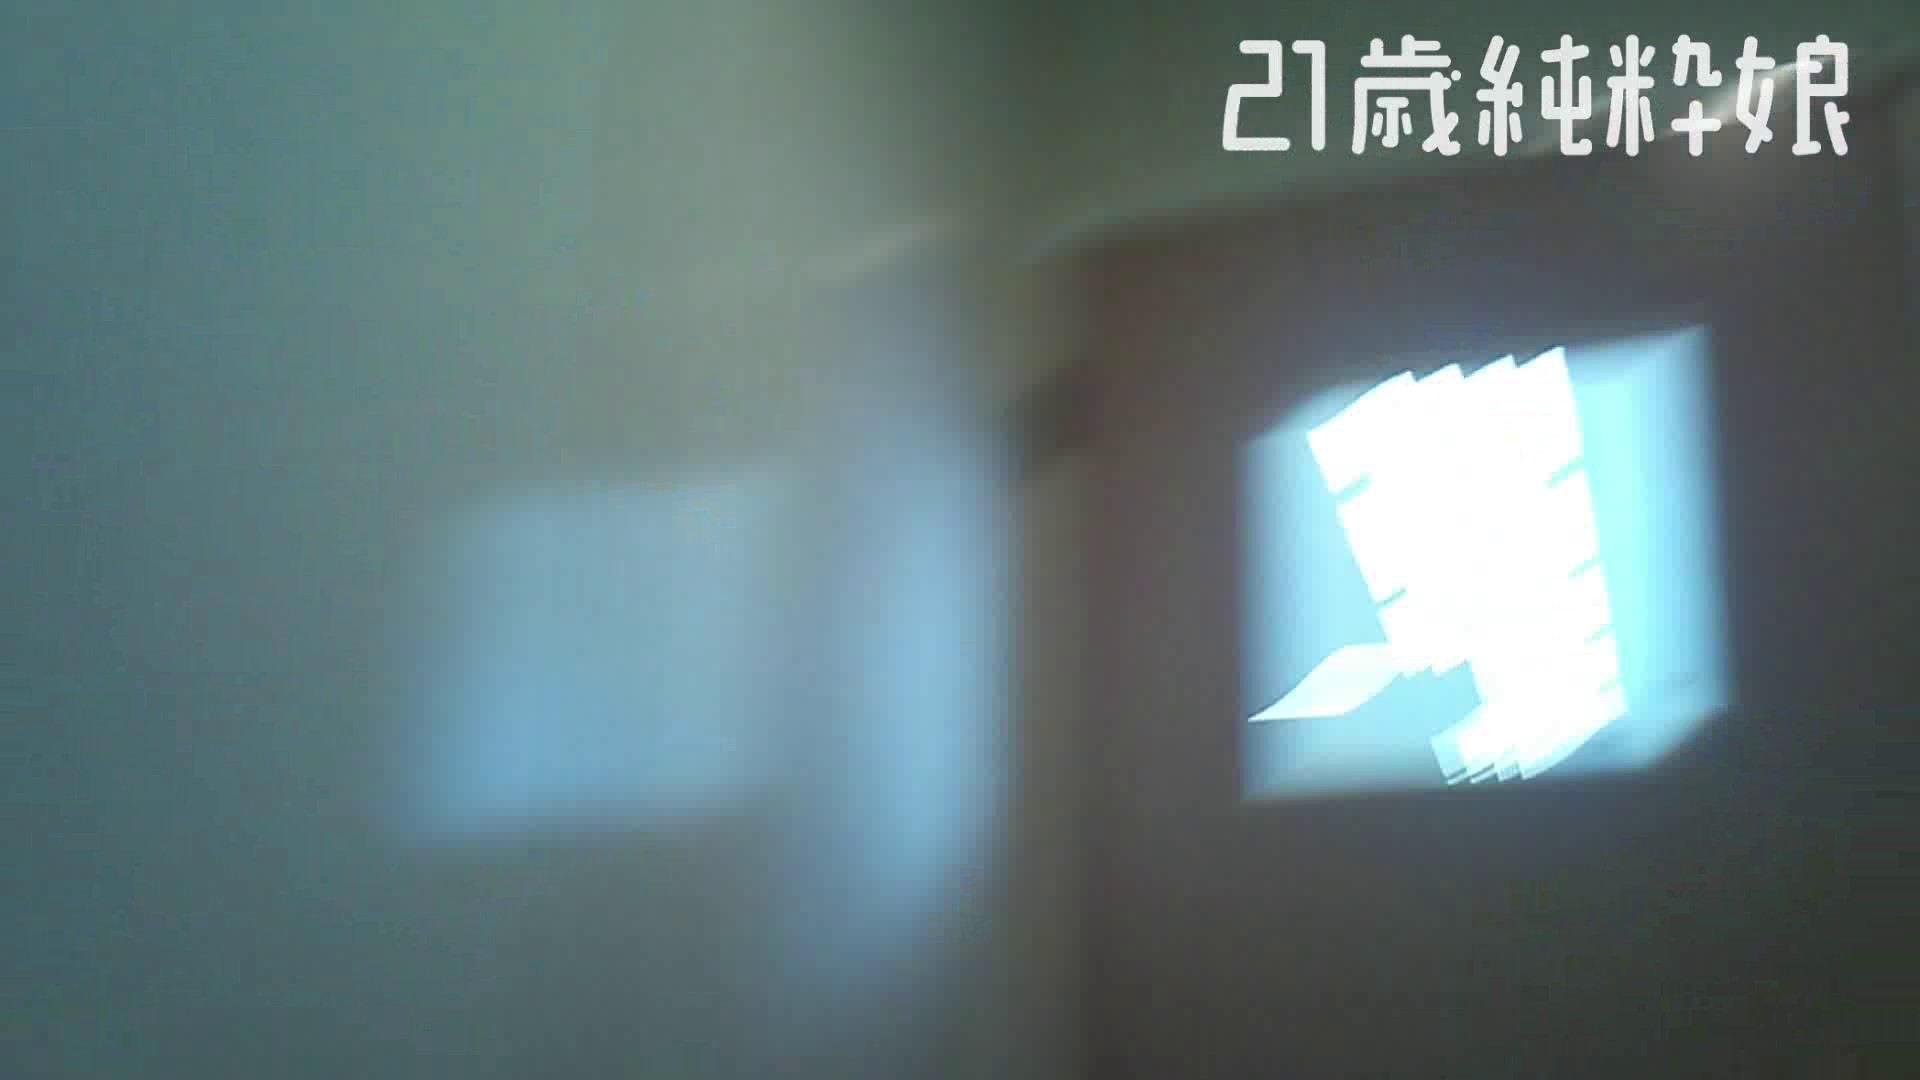 Gカップ21歳純粋嬢第2弾Vol.5 学校 | 性欲  108連発 97